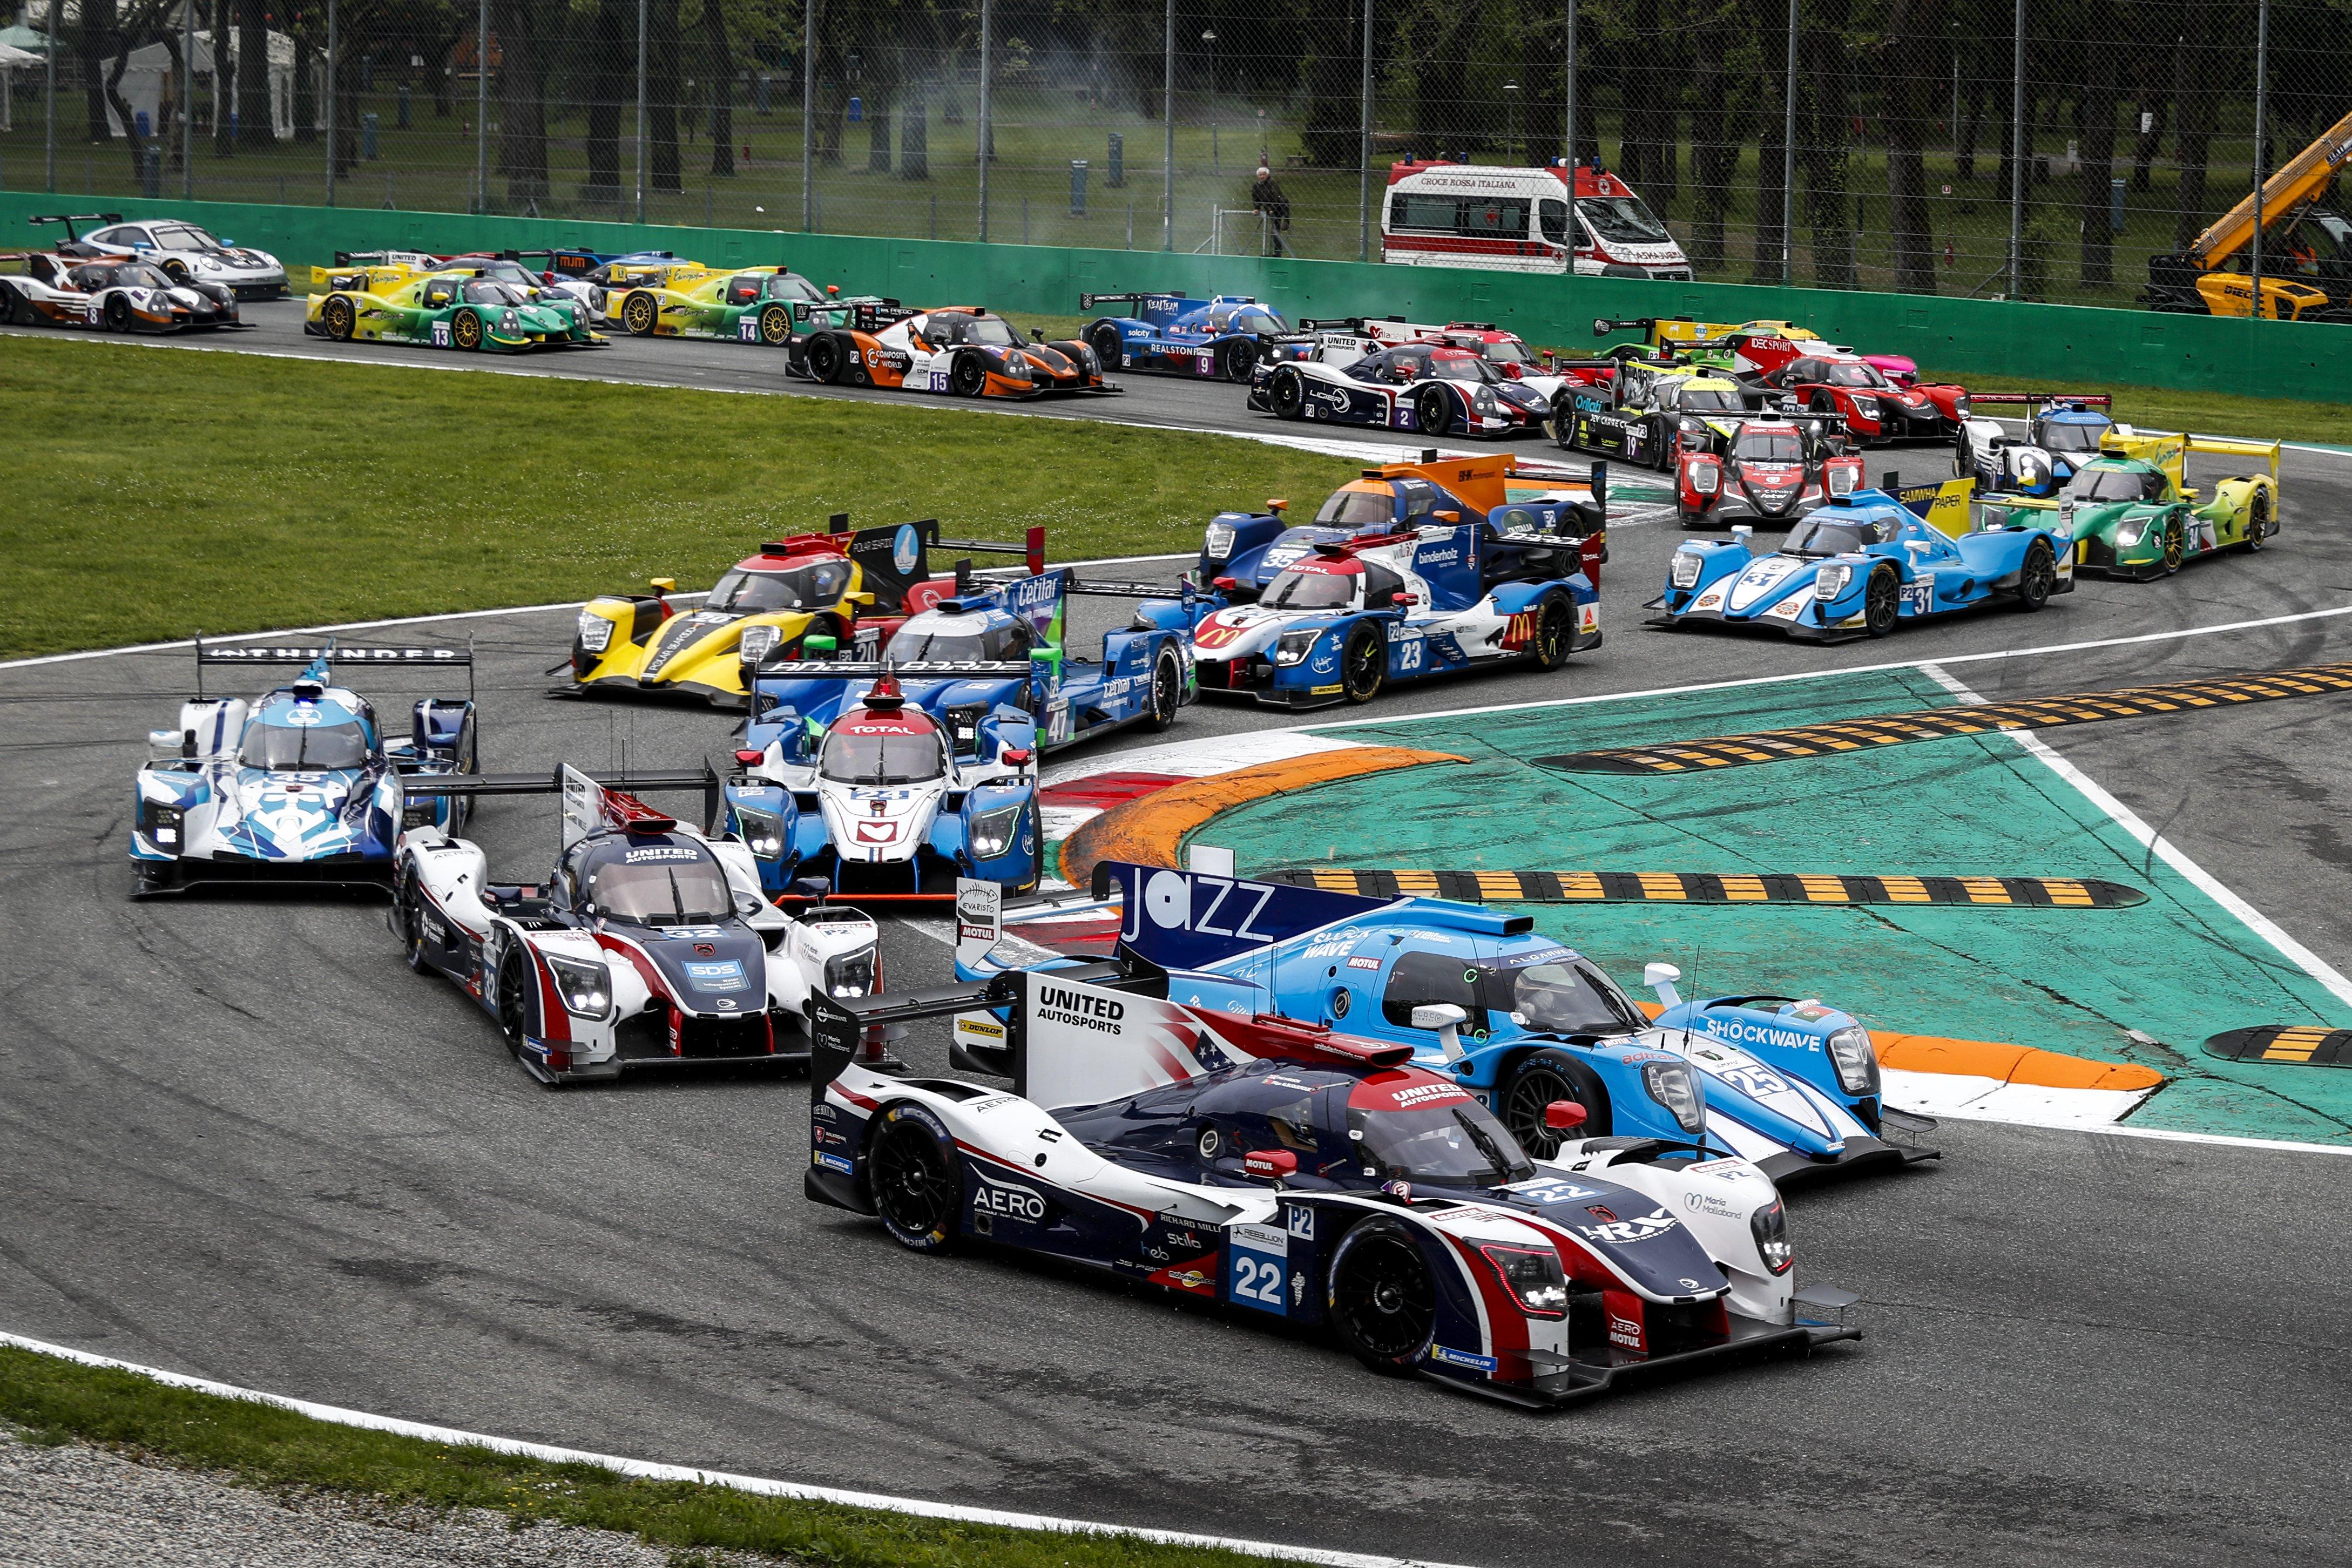 The Ligier JS P217s and Ligier JS P3s score a double ...